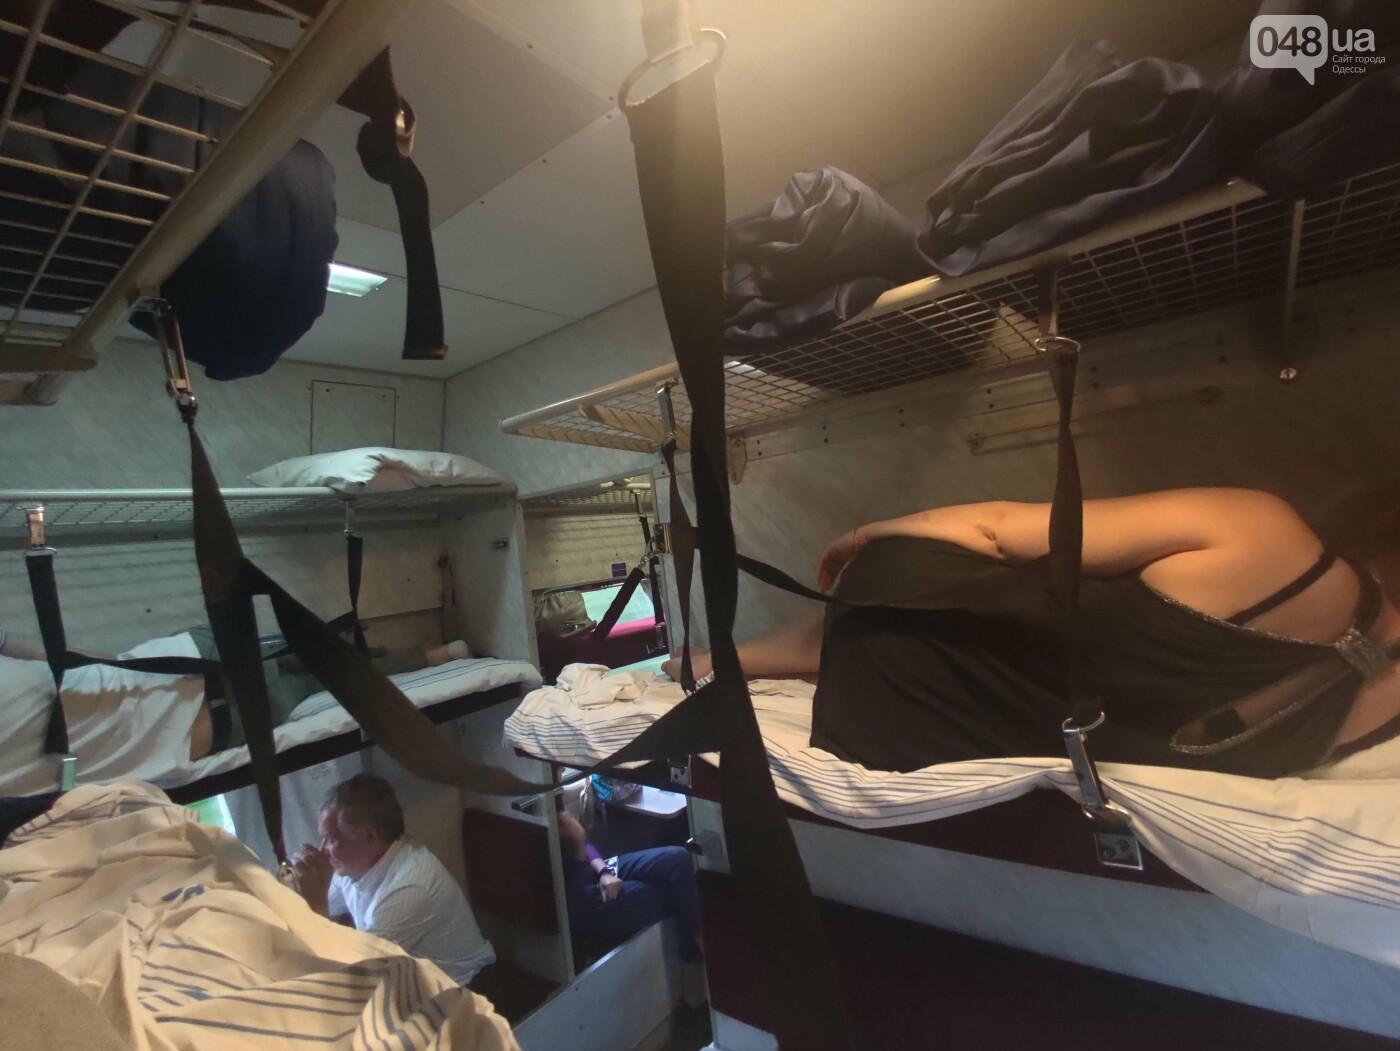 После смерти пассажира в поезде проводники начали принимать меры безопасности